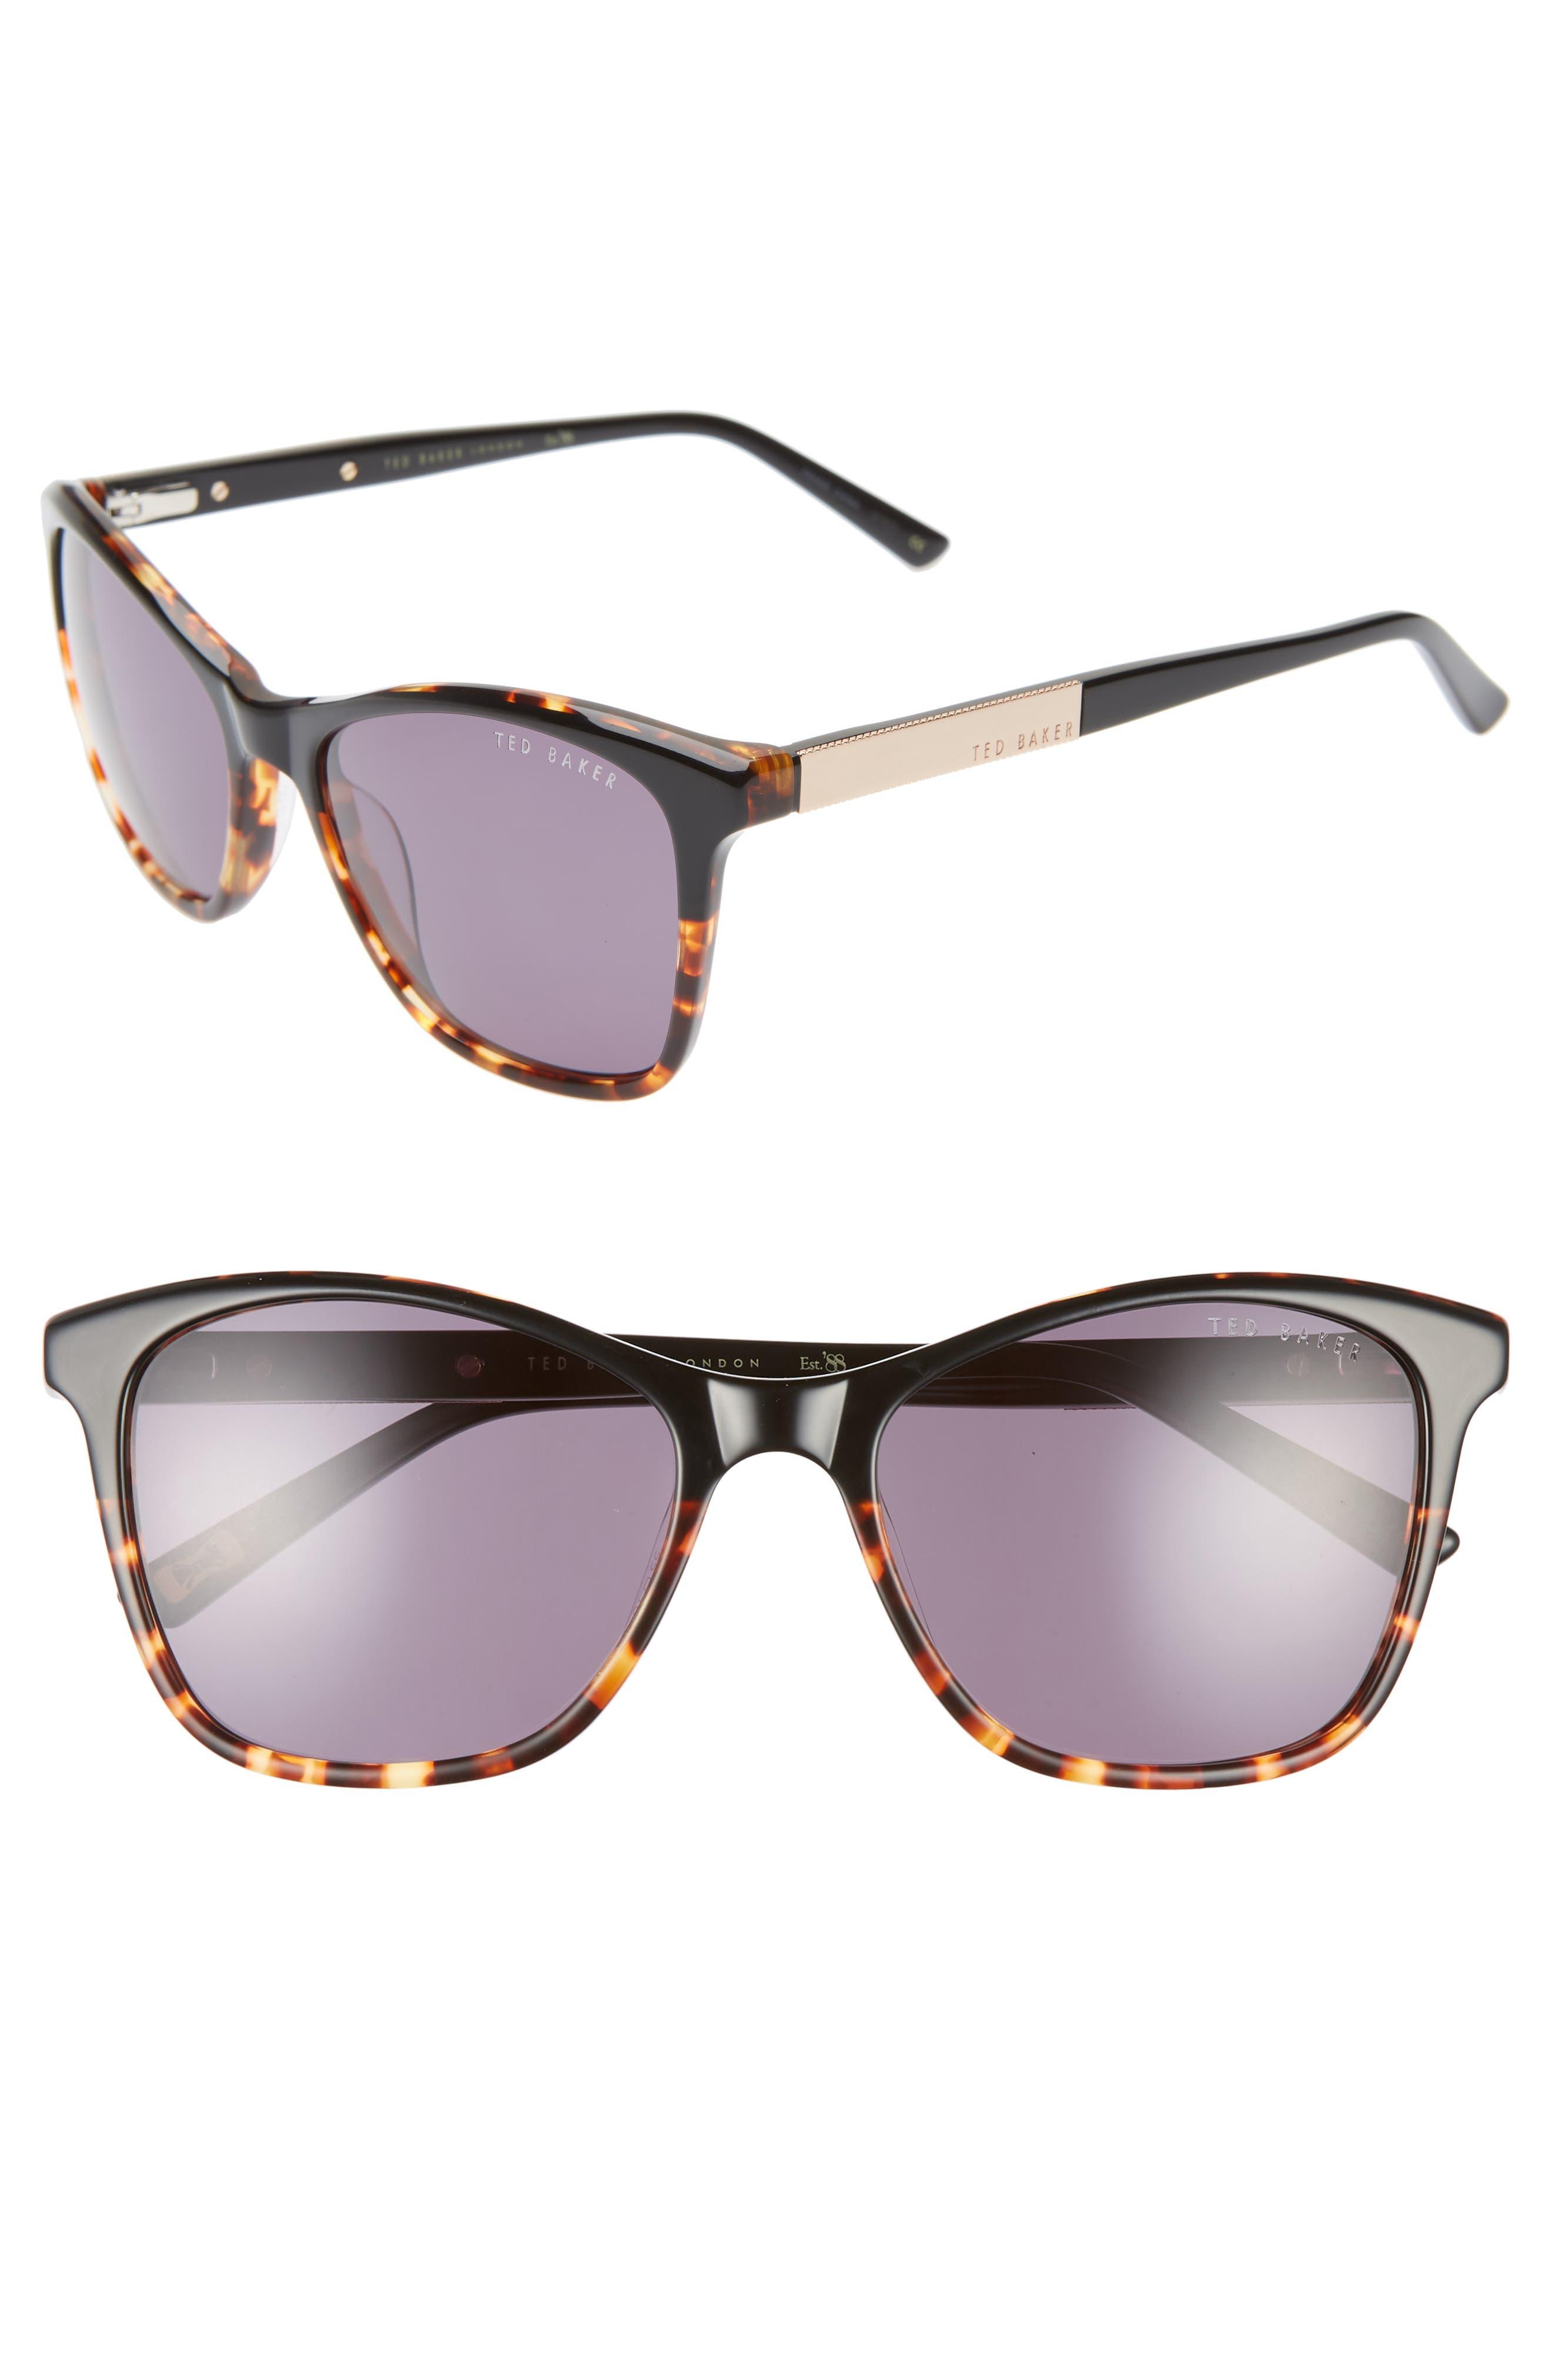 44b7609c273c Ted Baker London Sunglasses for Women